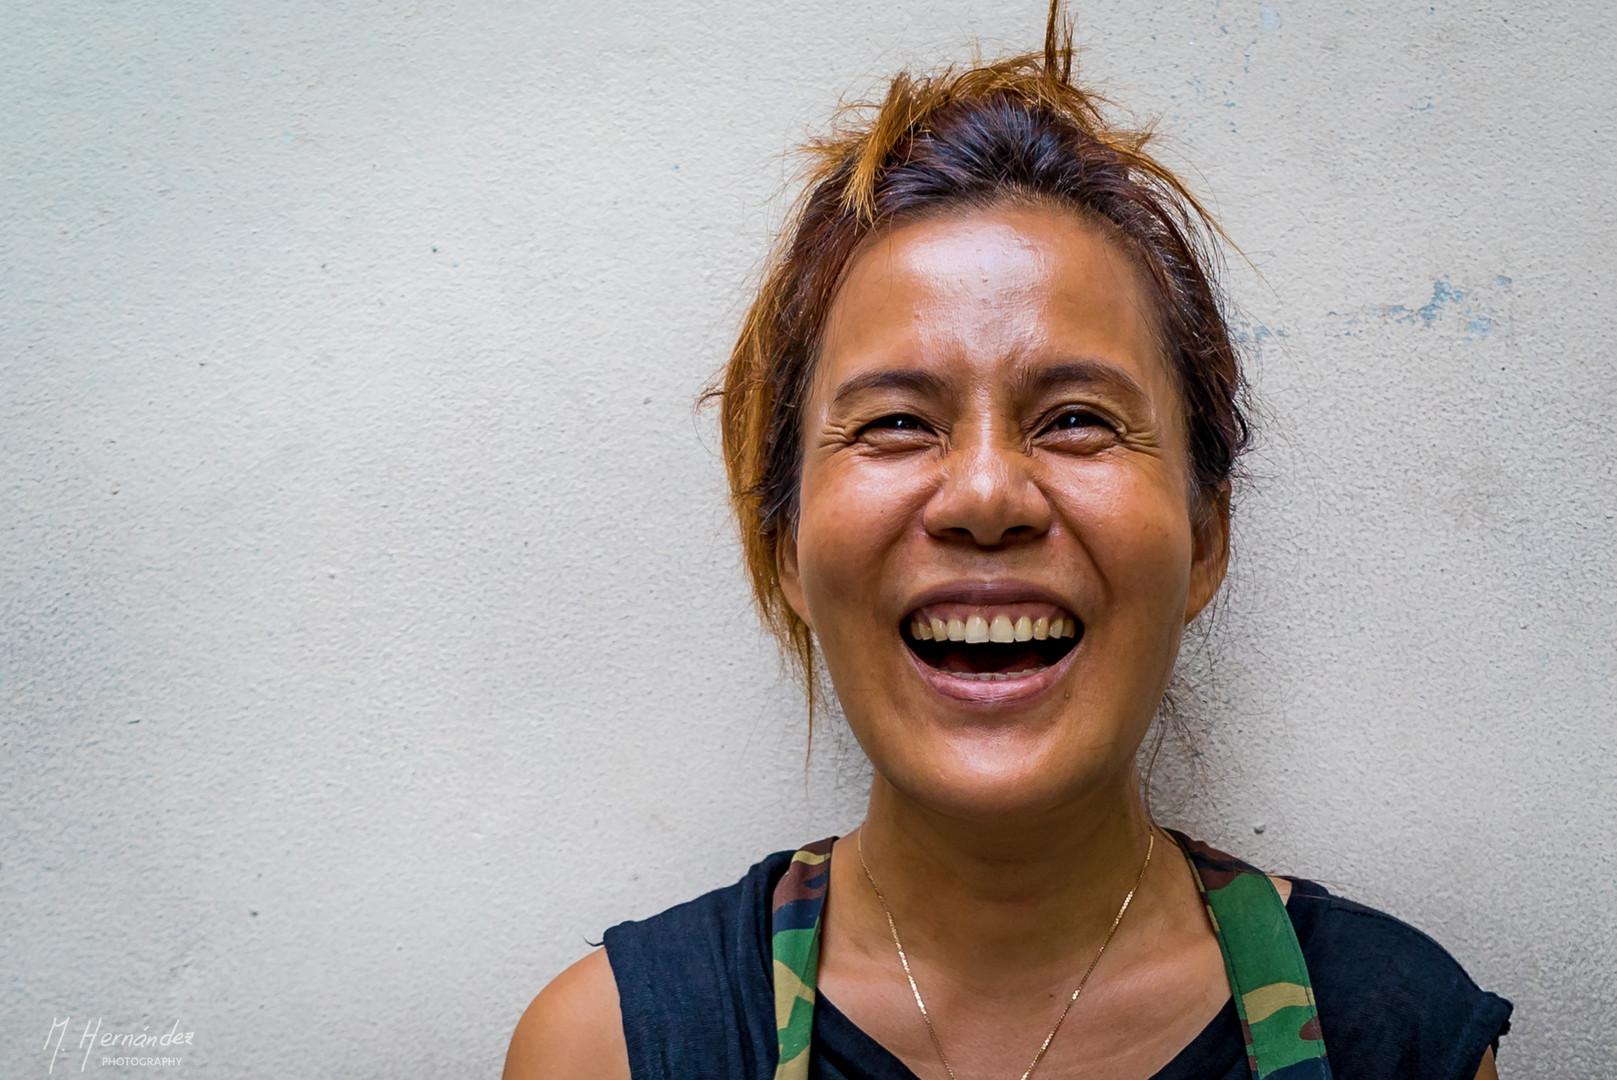 A honest smile at Bangkok, Thailand. 2016